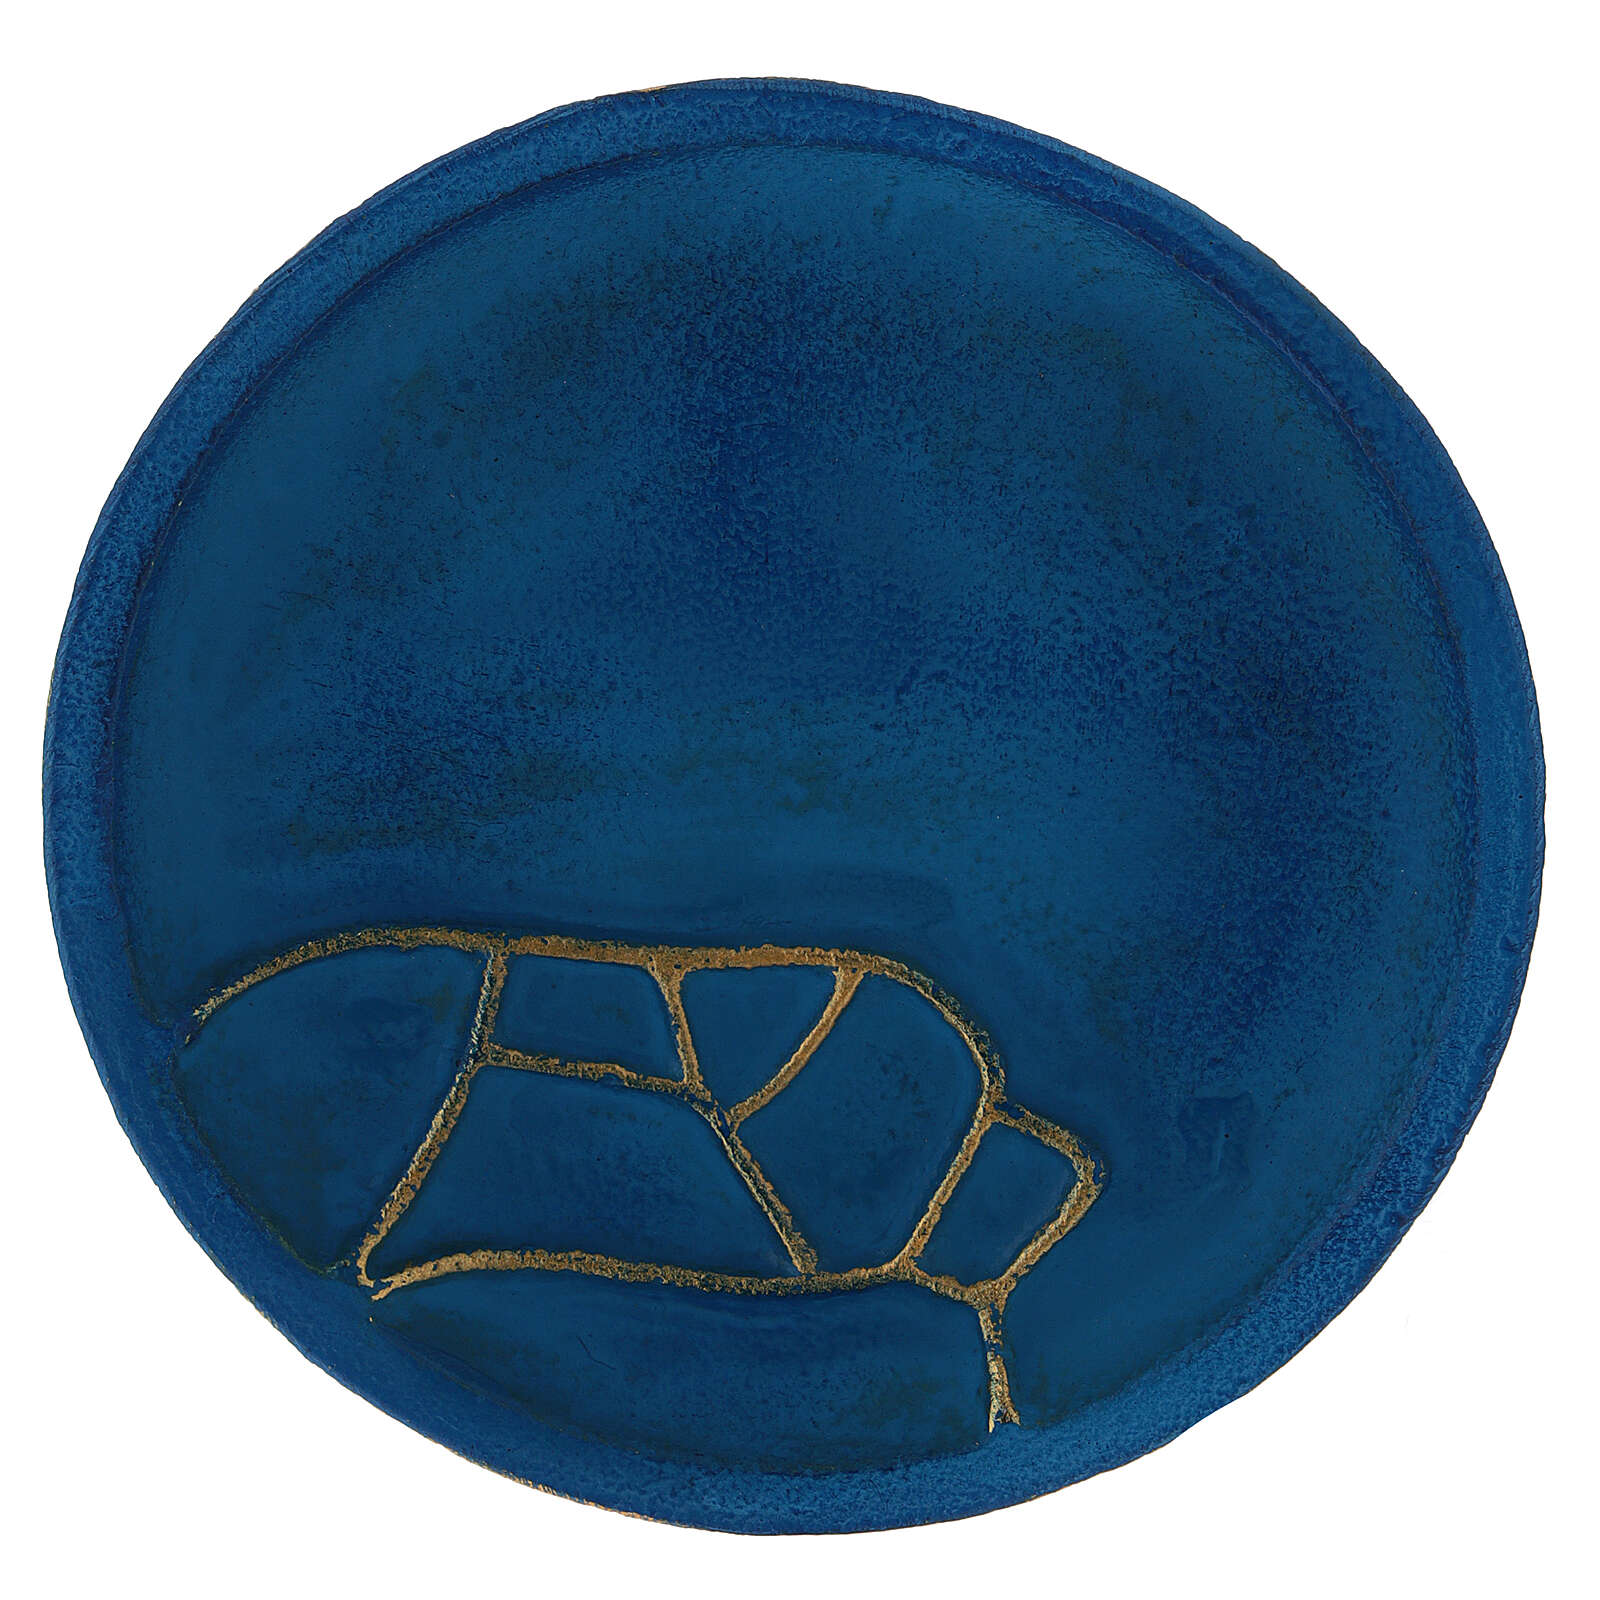 Plato para vela turquesa diámetro 12 cm 3